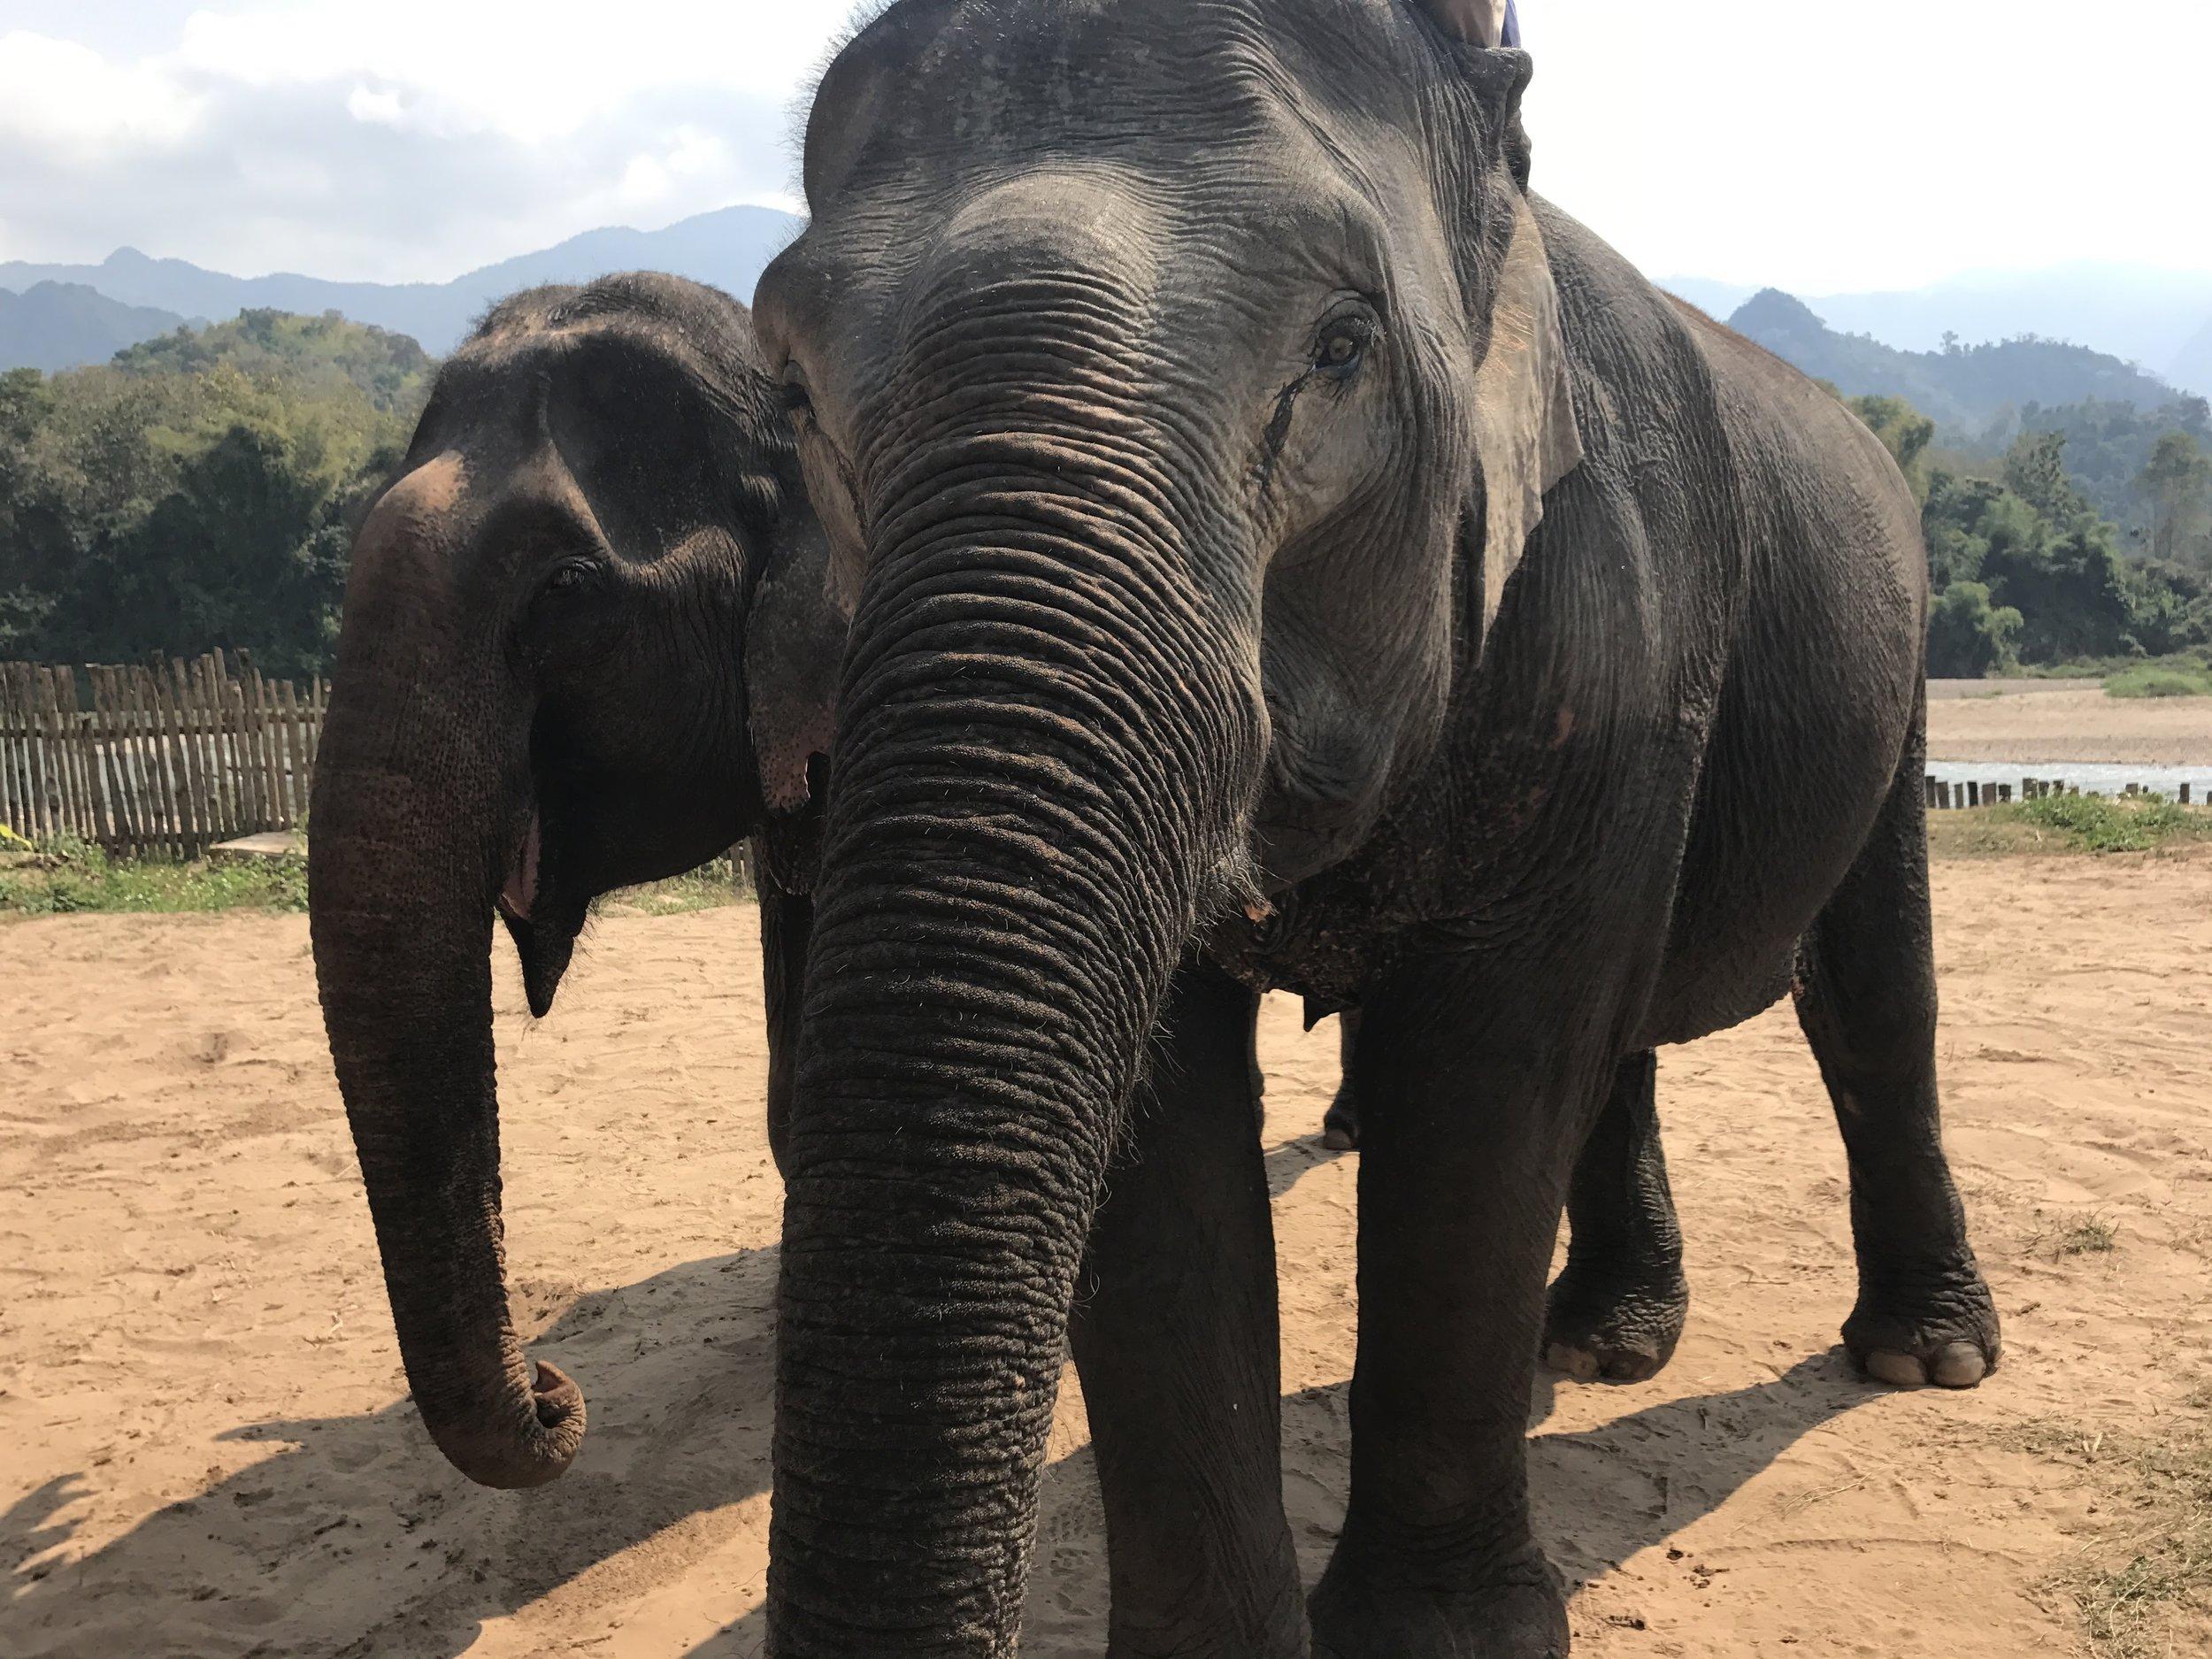 Our raison d'être at the Elephant Sanctuary